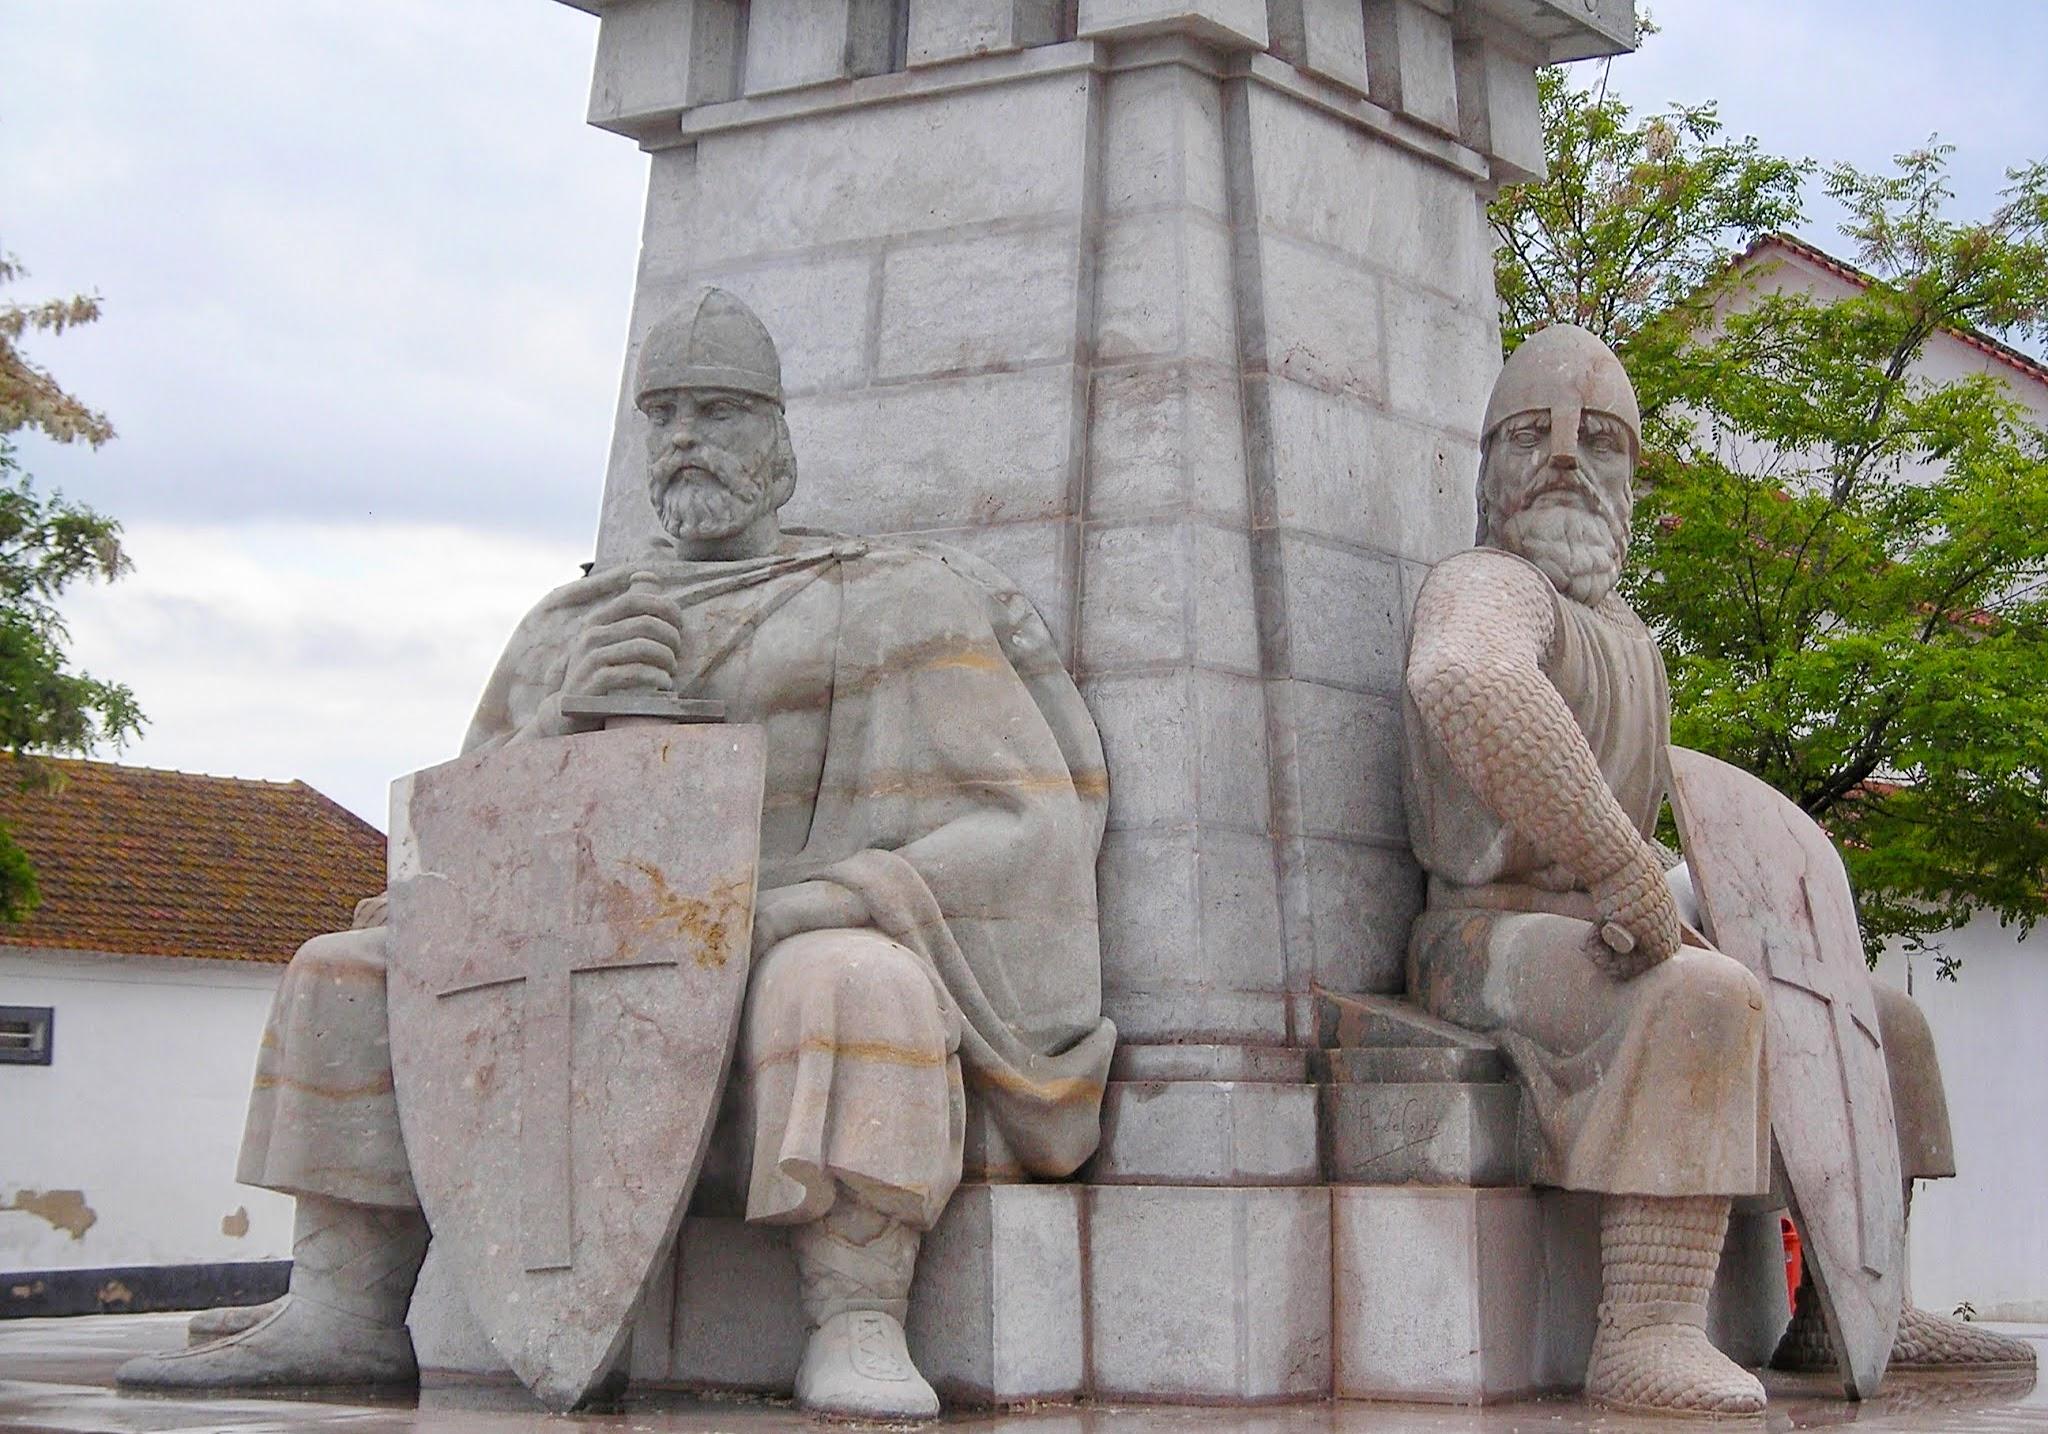 Monumento comemorativo da Batalha de Ourique